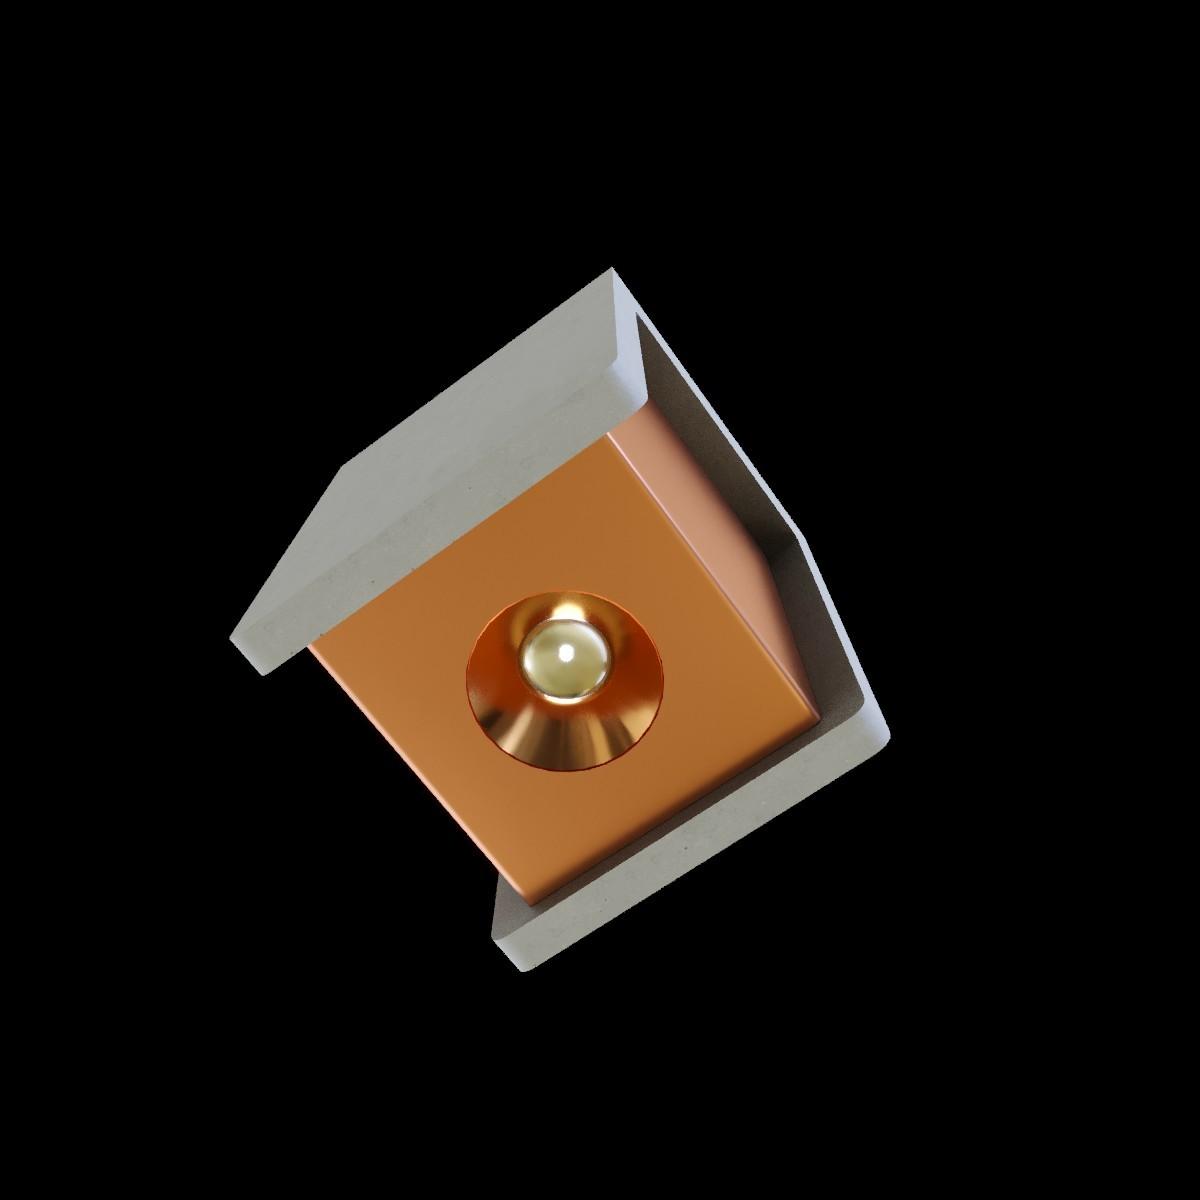 Потолочный светодиодный светильник Loft It Architect OL1073-GG, LED 6W 3000K 260lm, серый с золотом, бетон с металлом - фото 3